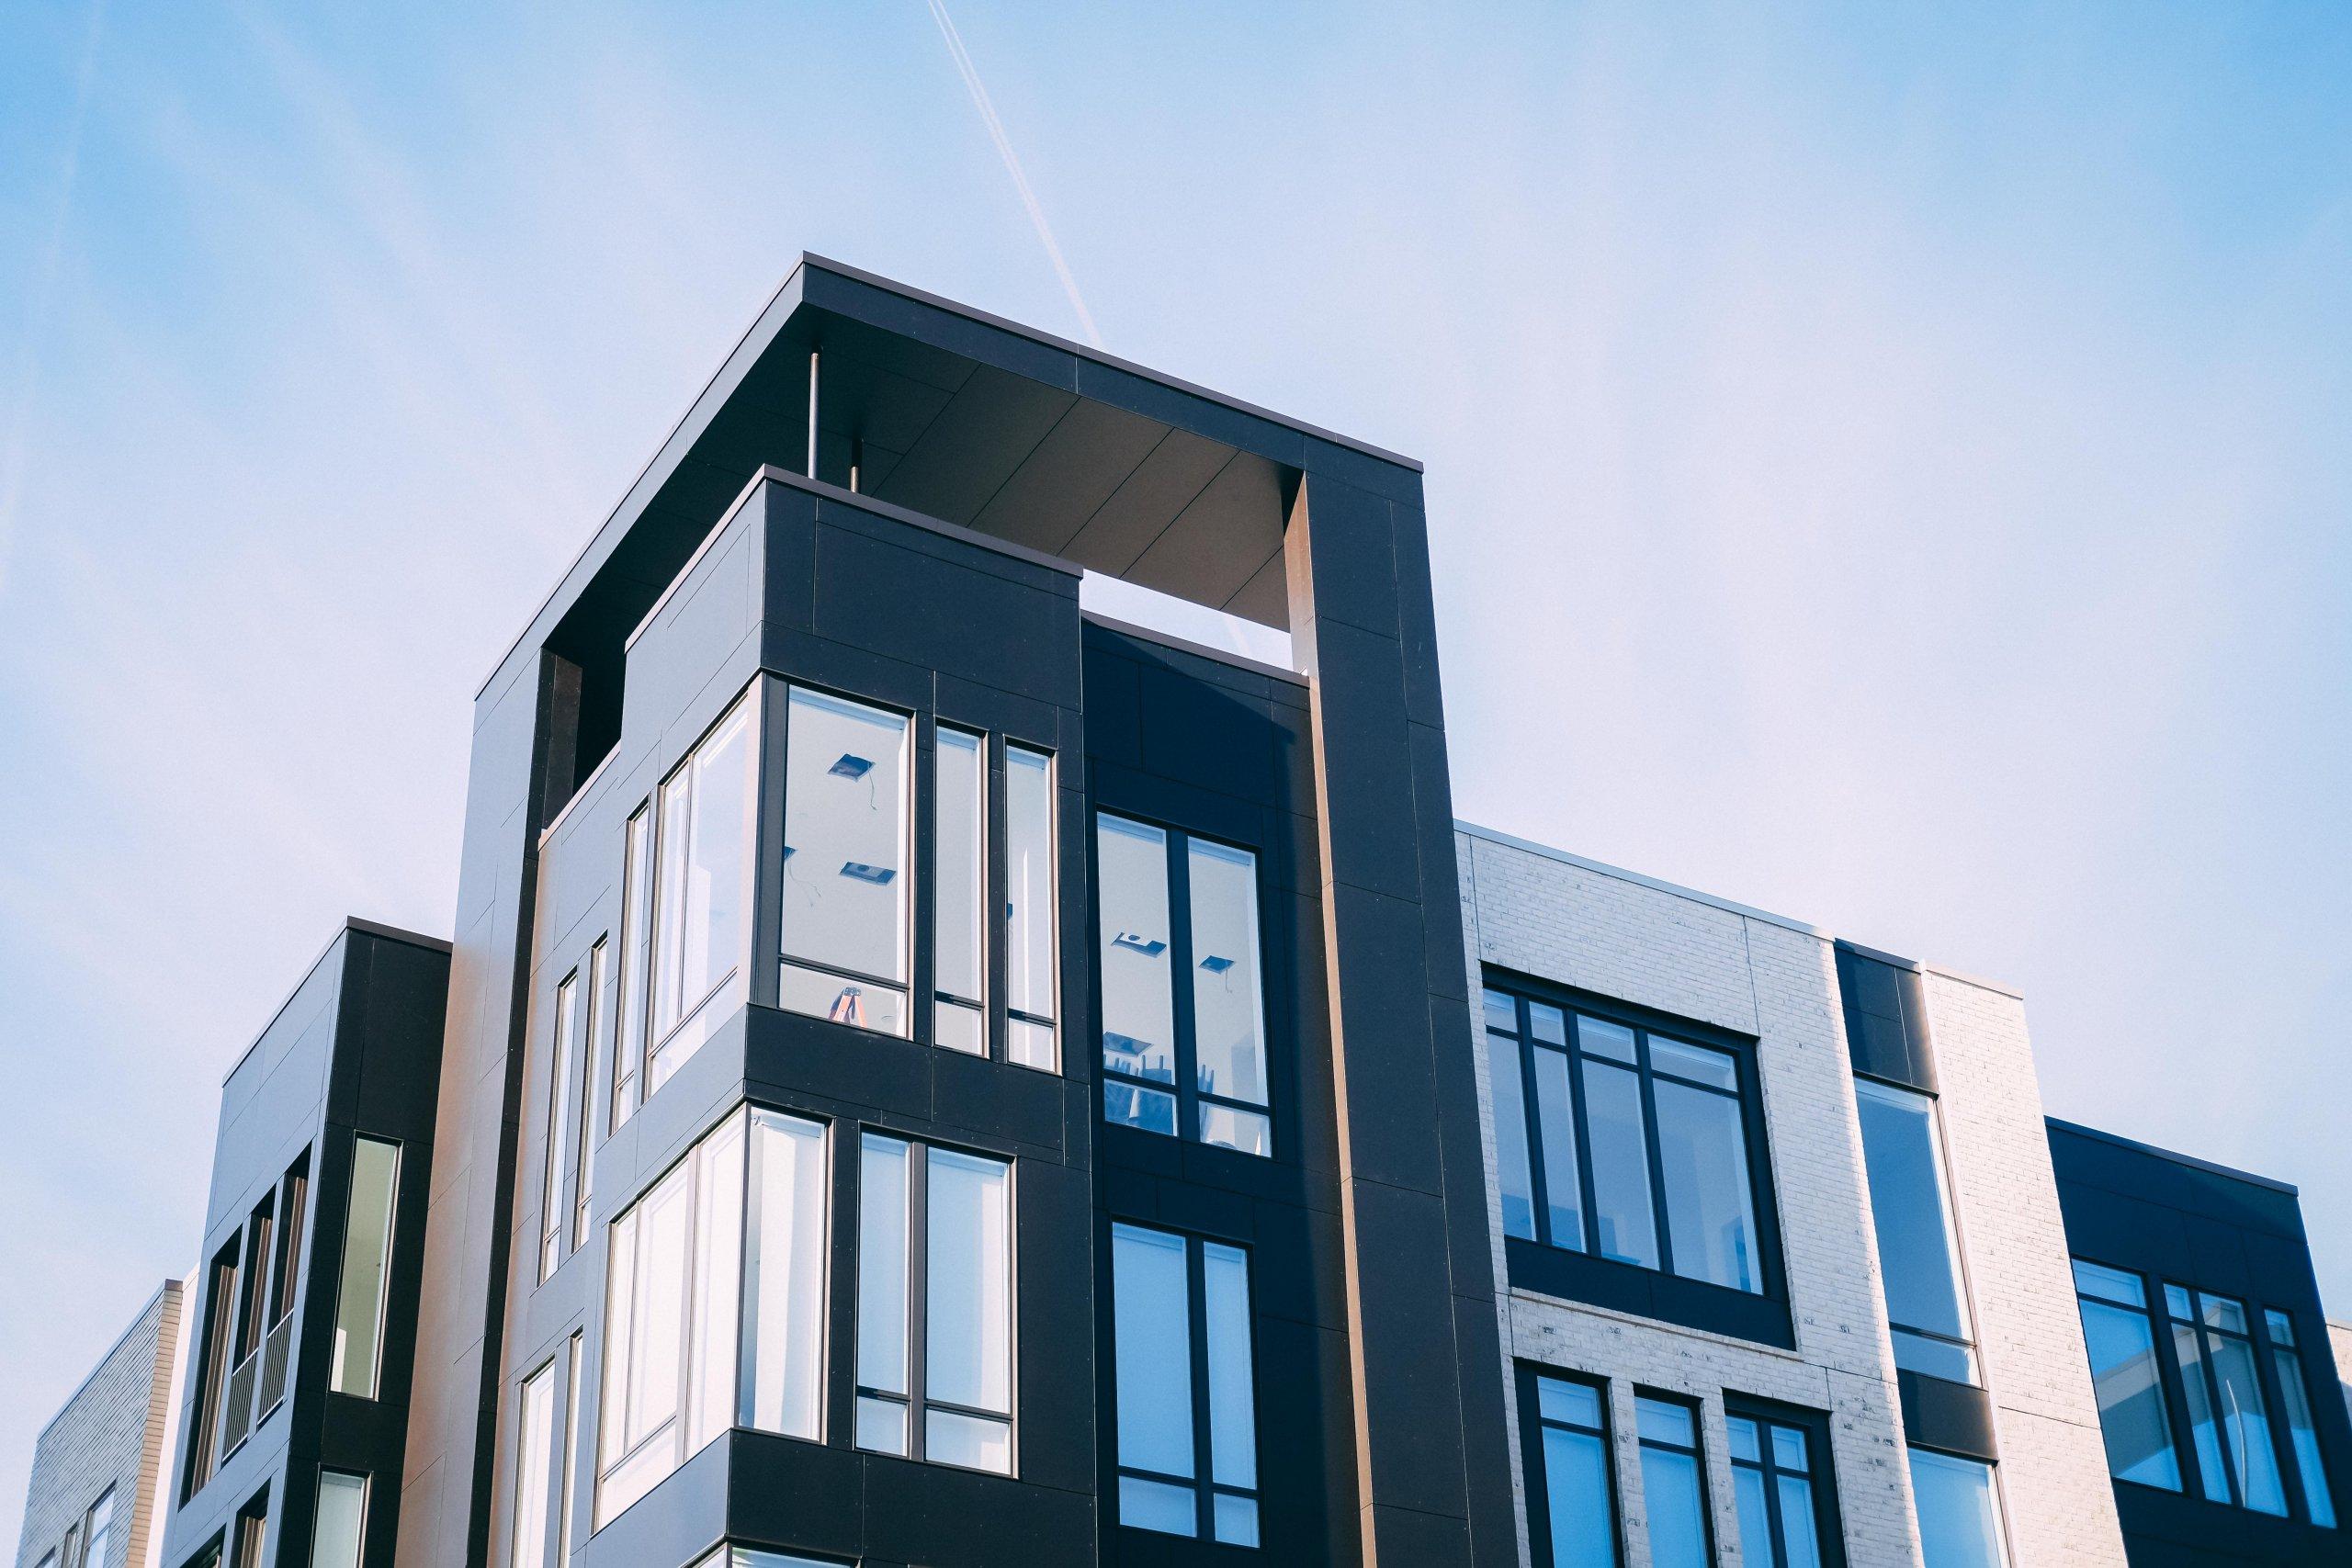 Osiguranje kuće ili stana: Što sve pokriva i kako se određuje visina premije?